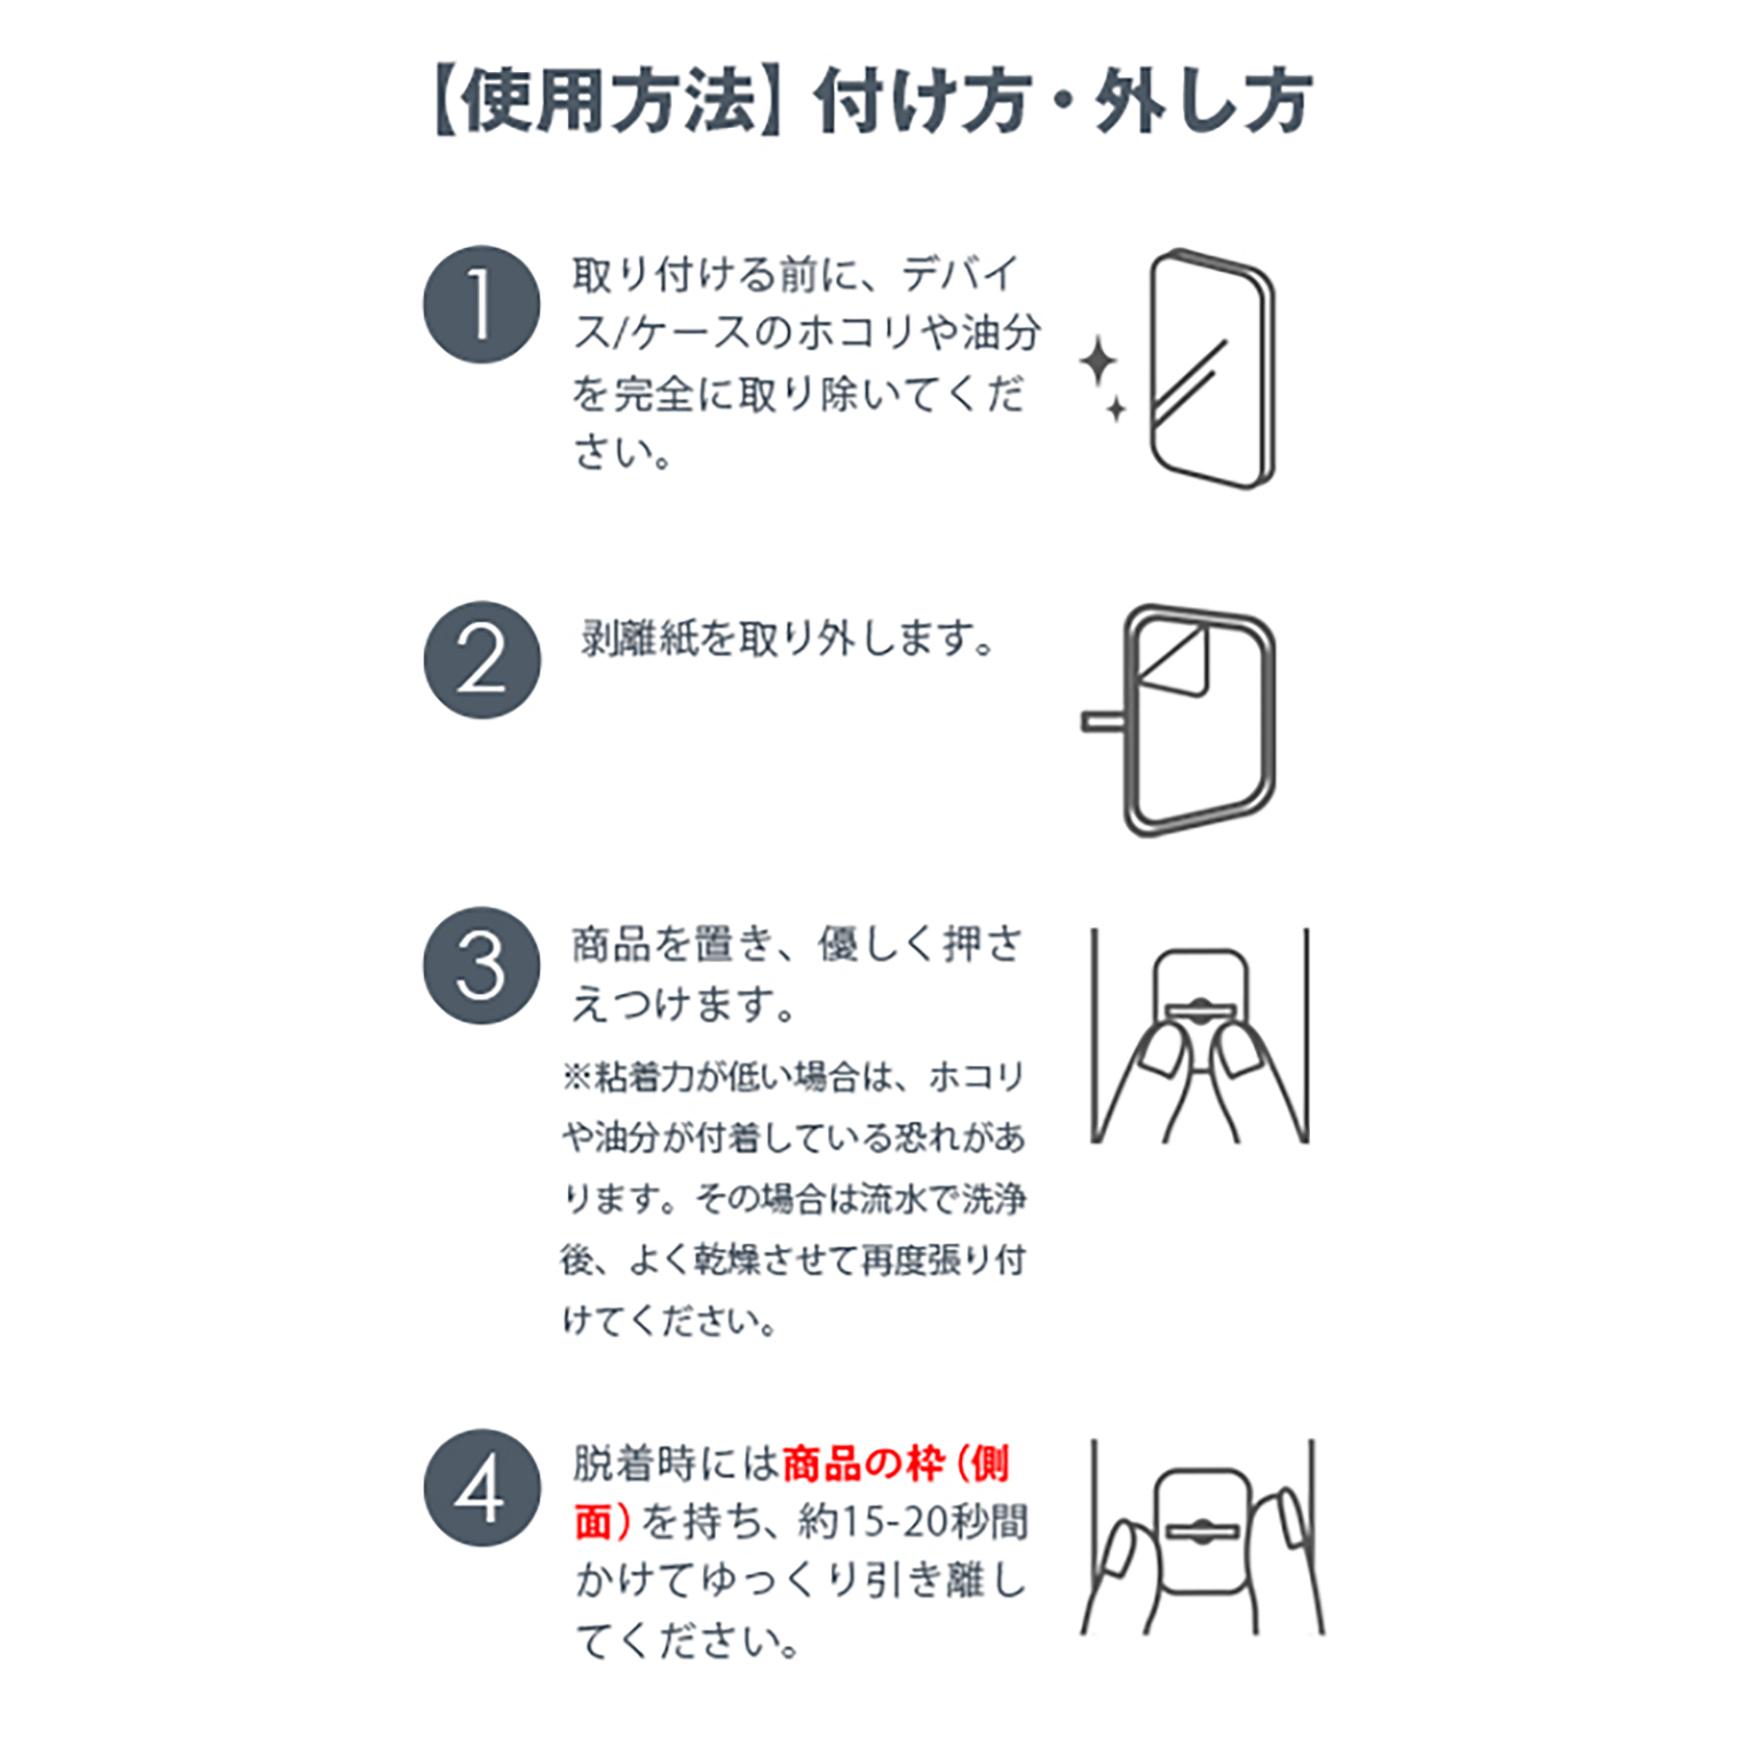 マーガレットとりぼん〈スマホリング/ハート型スマホリング for iPhone & Android〉